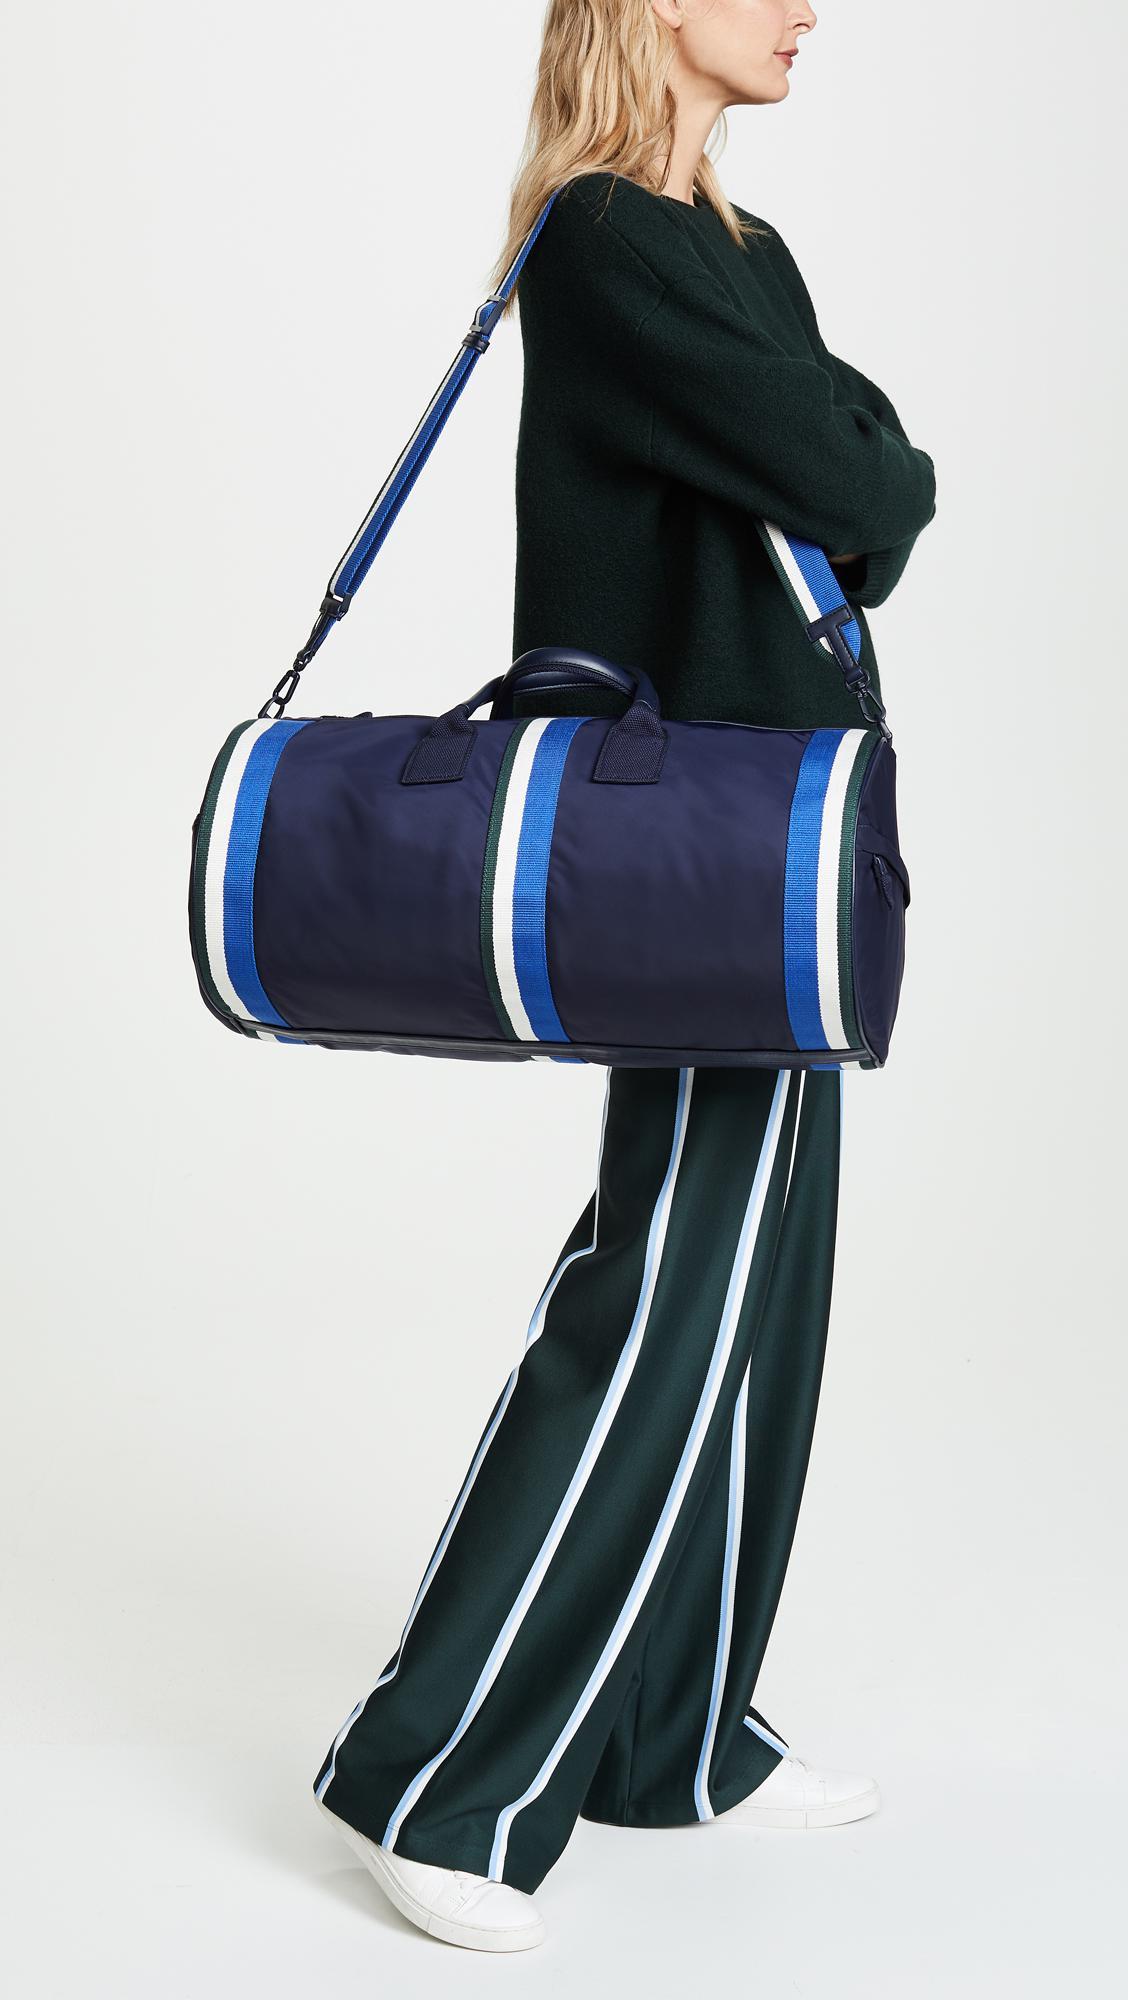 0eacf0e573d8a7 Tory Sport Retro Striped Weekender Duffel Bag in Blue - Lyst